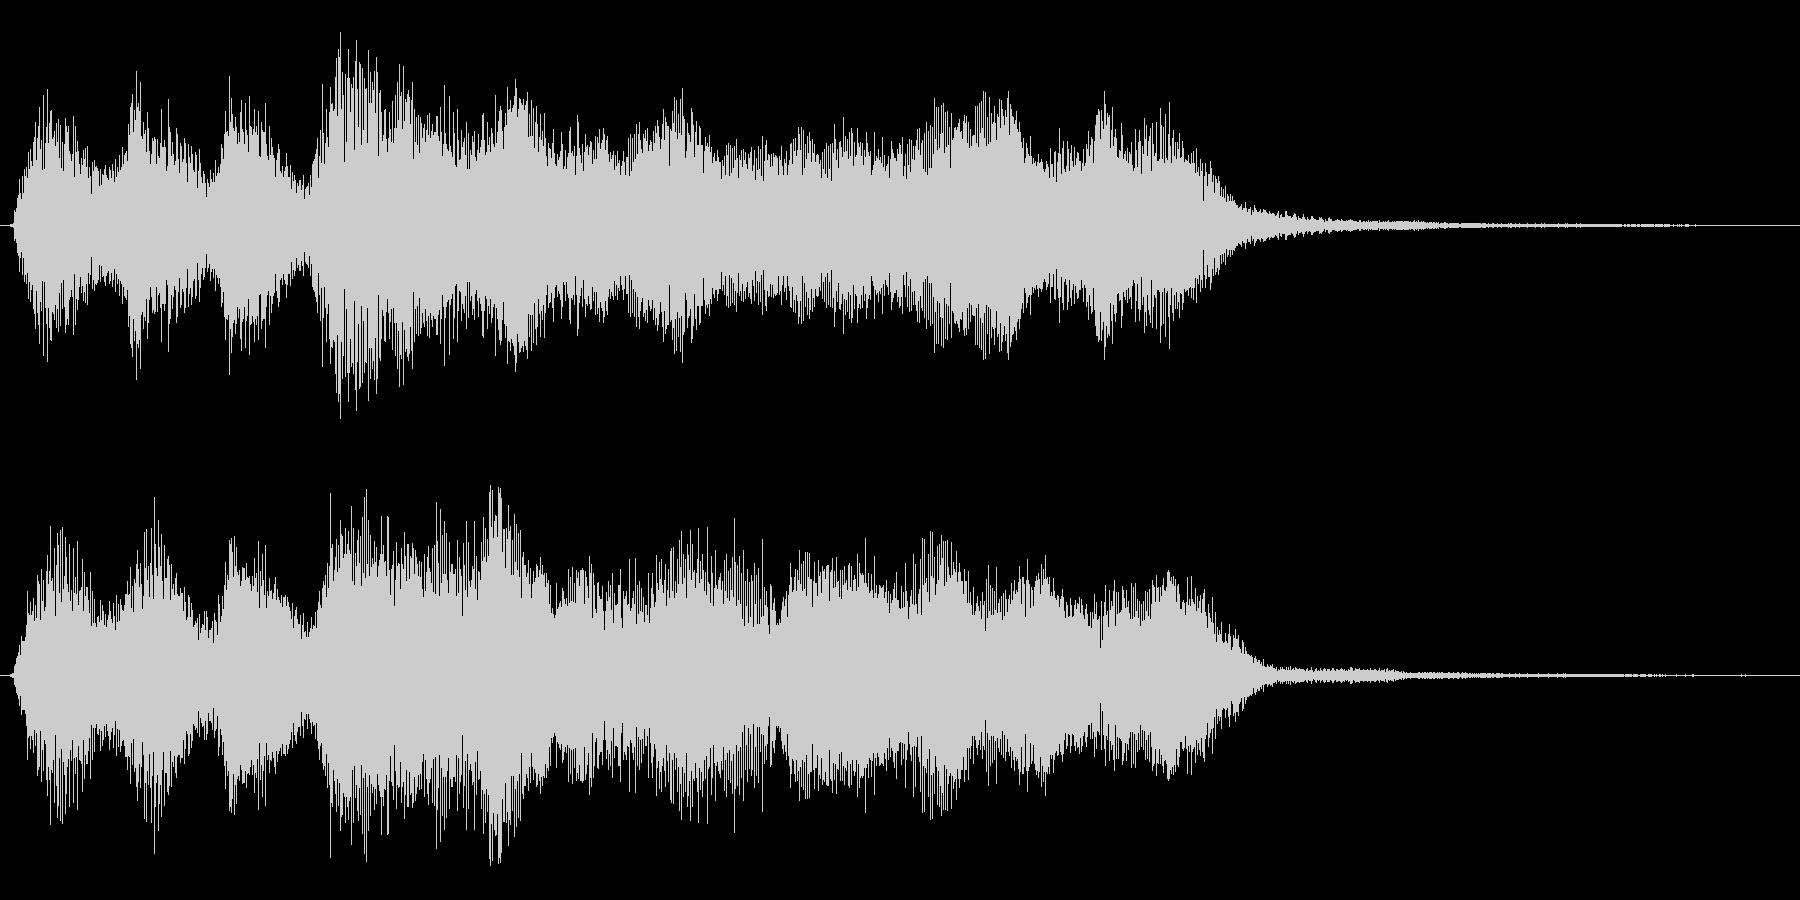 レベルアップやミッションクリアジングル の未再生の波形